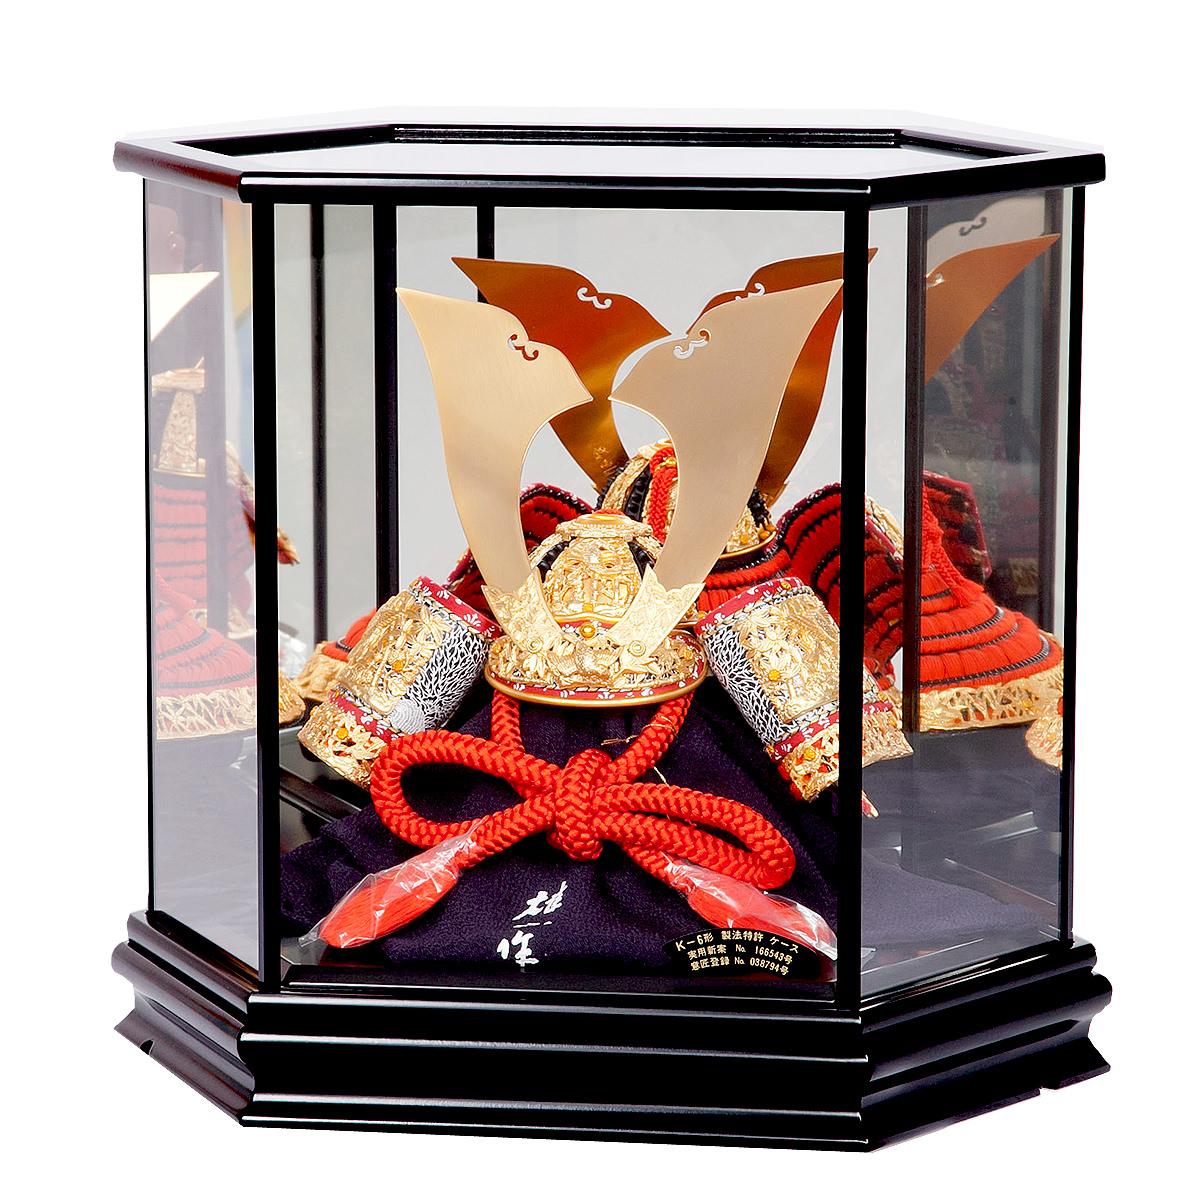 五月節句 男の子 五月人形 兜飾り 10号 竹に虎雀兜飾り 鈴甲子雄山作 六角鏡ケース 格安 送料無料